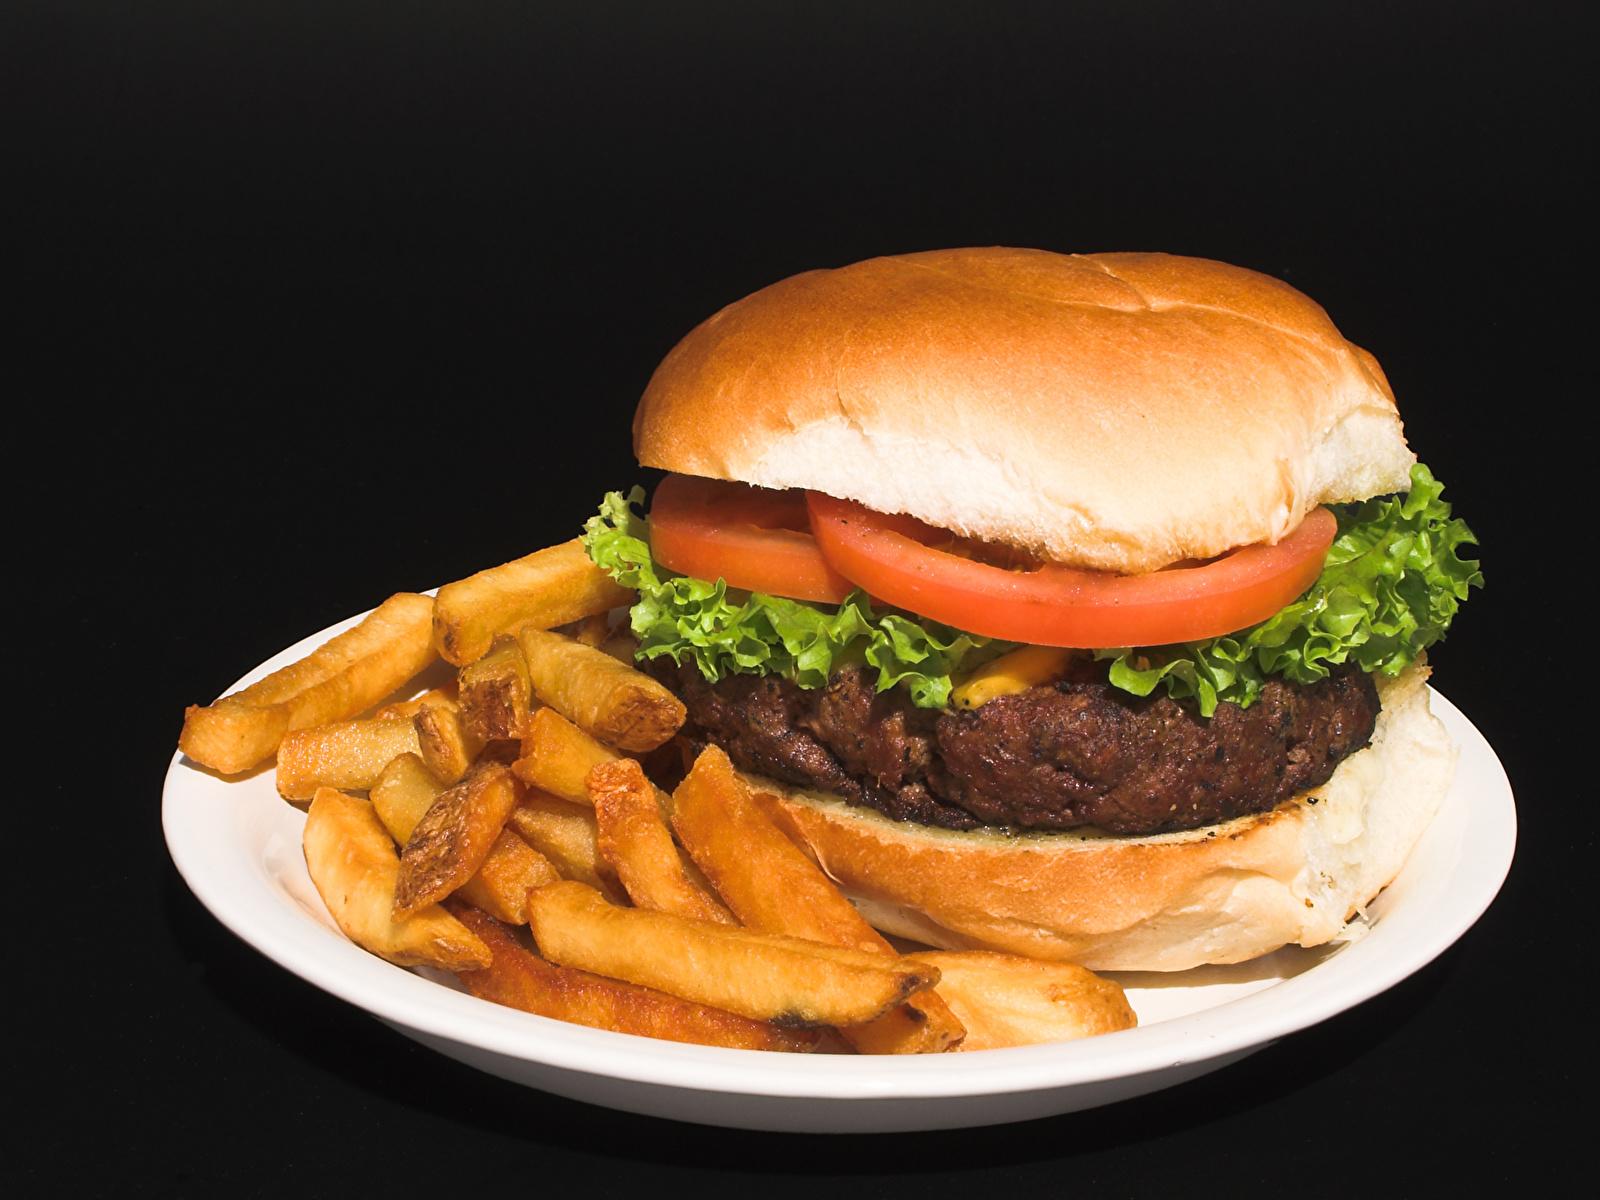 Картинки Гамбургер Картофель фри Фастфуд Булочки Еда тарелке на черном фоне 1600x1200 Быстрое питание Пища Тарелка Продукты питания Черный фон